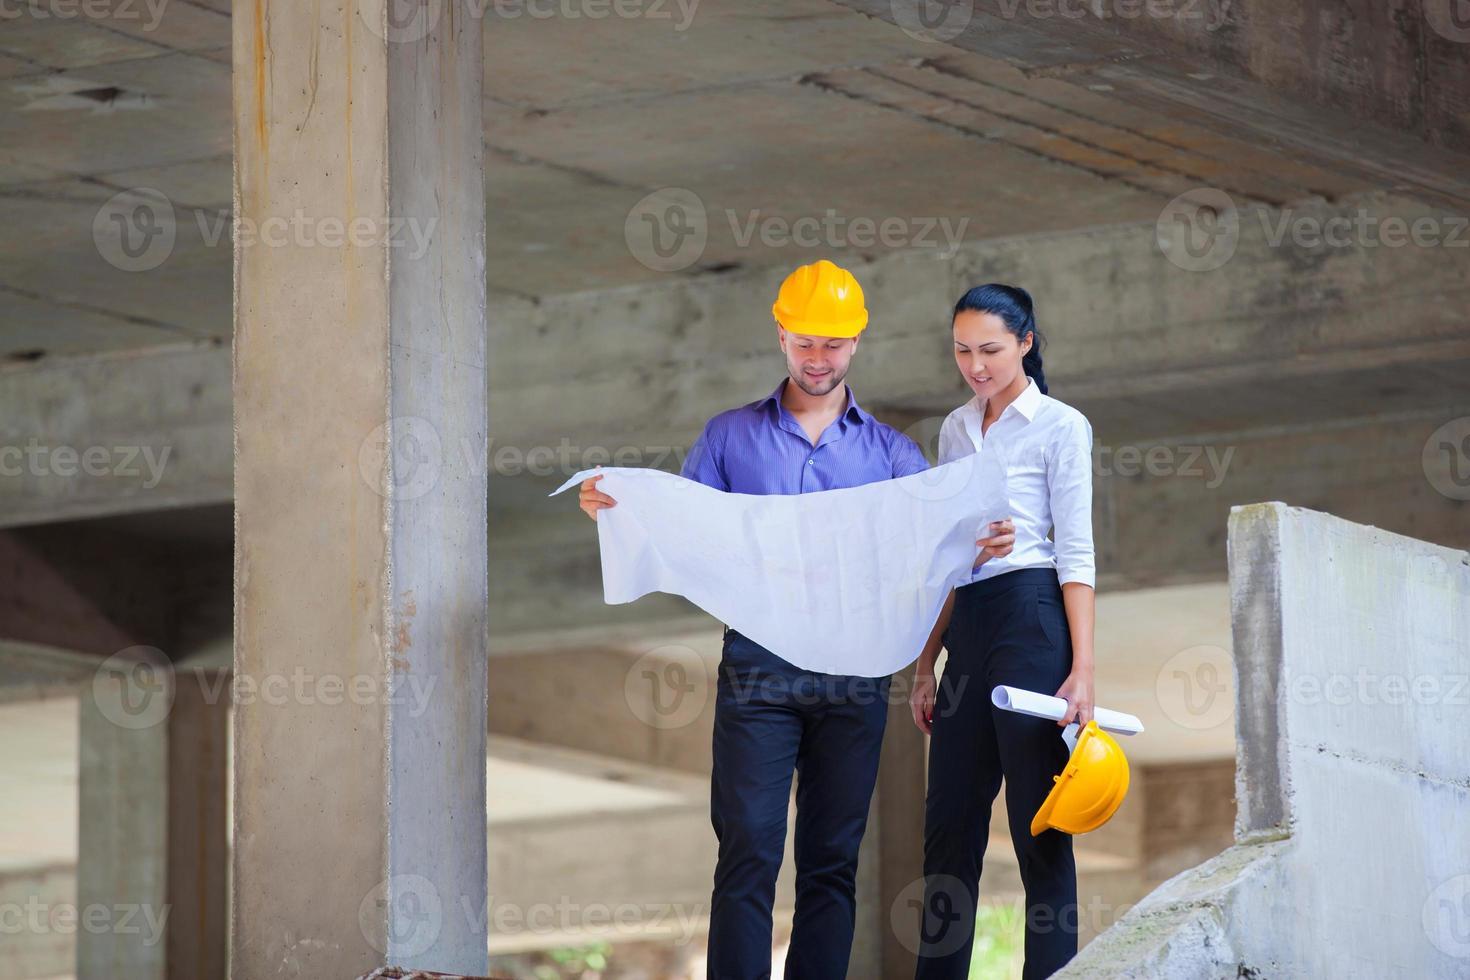 arquiteto gerente de construção foto